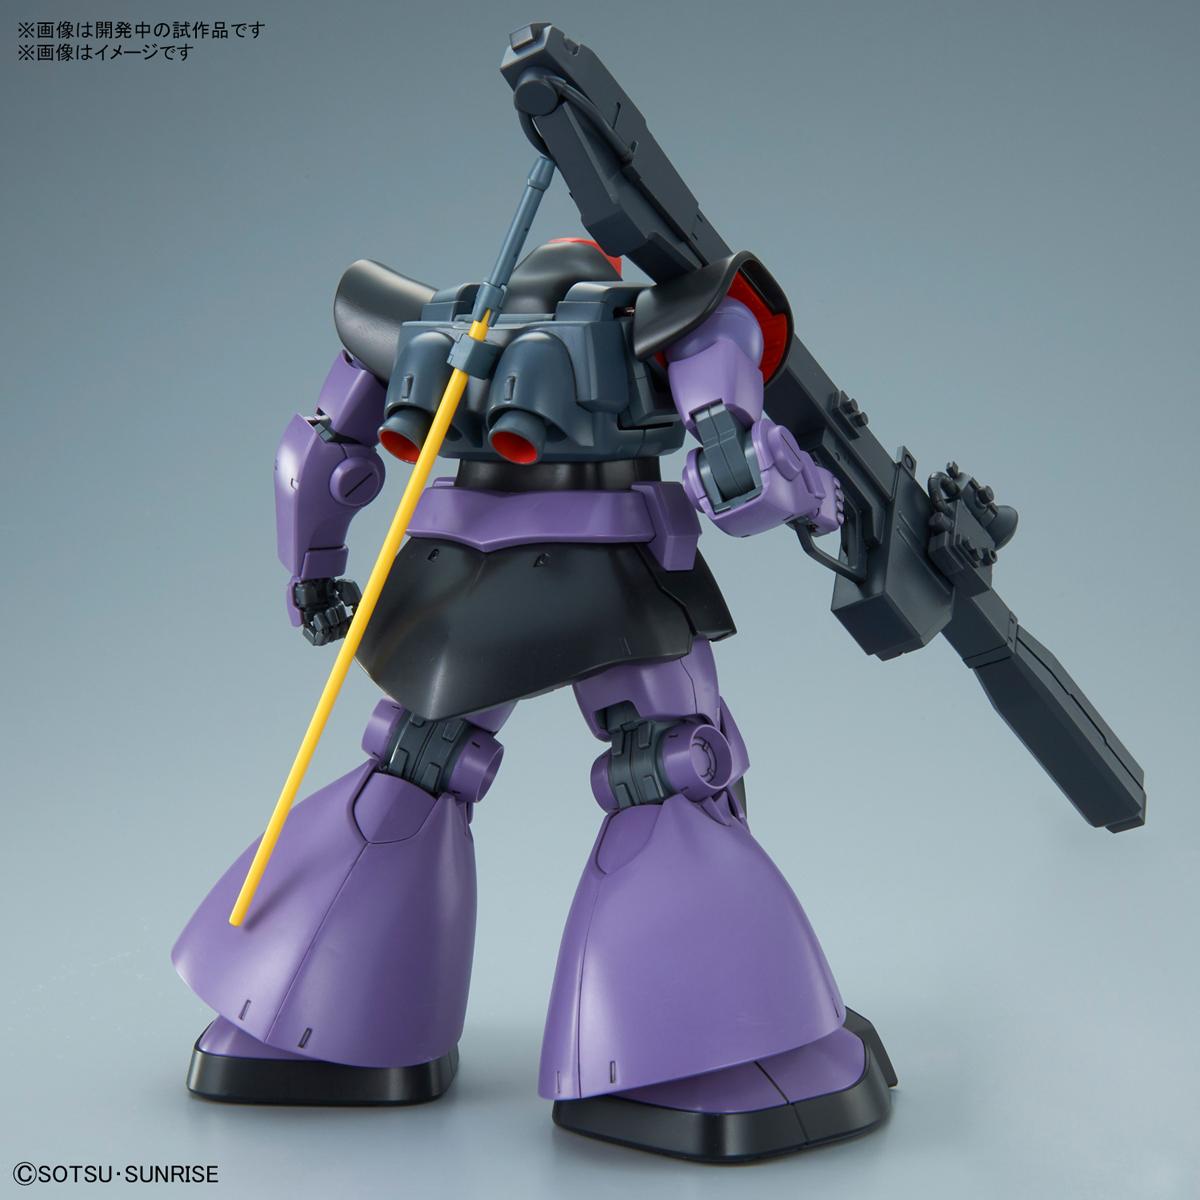 MG 1/100『リック・ドム』機動戦士ガンダム プラモデル-002